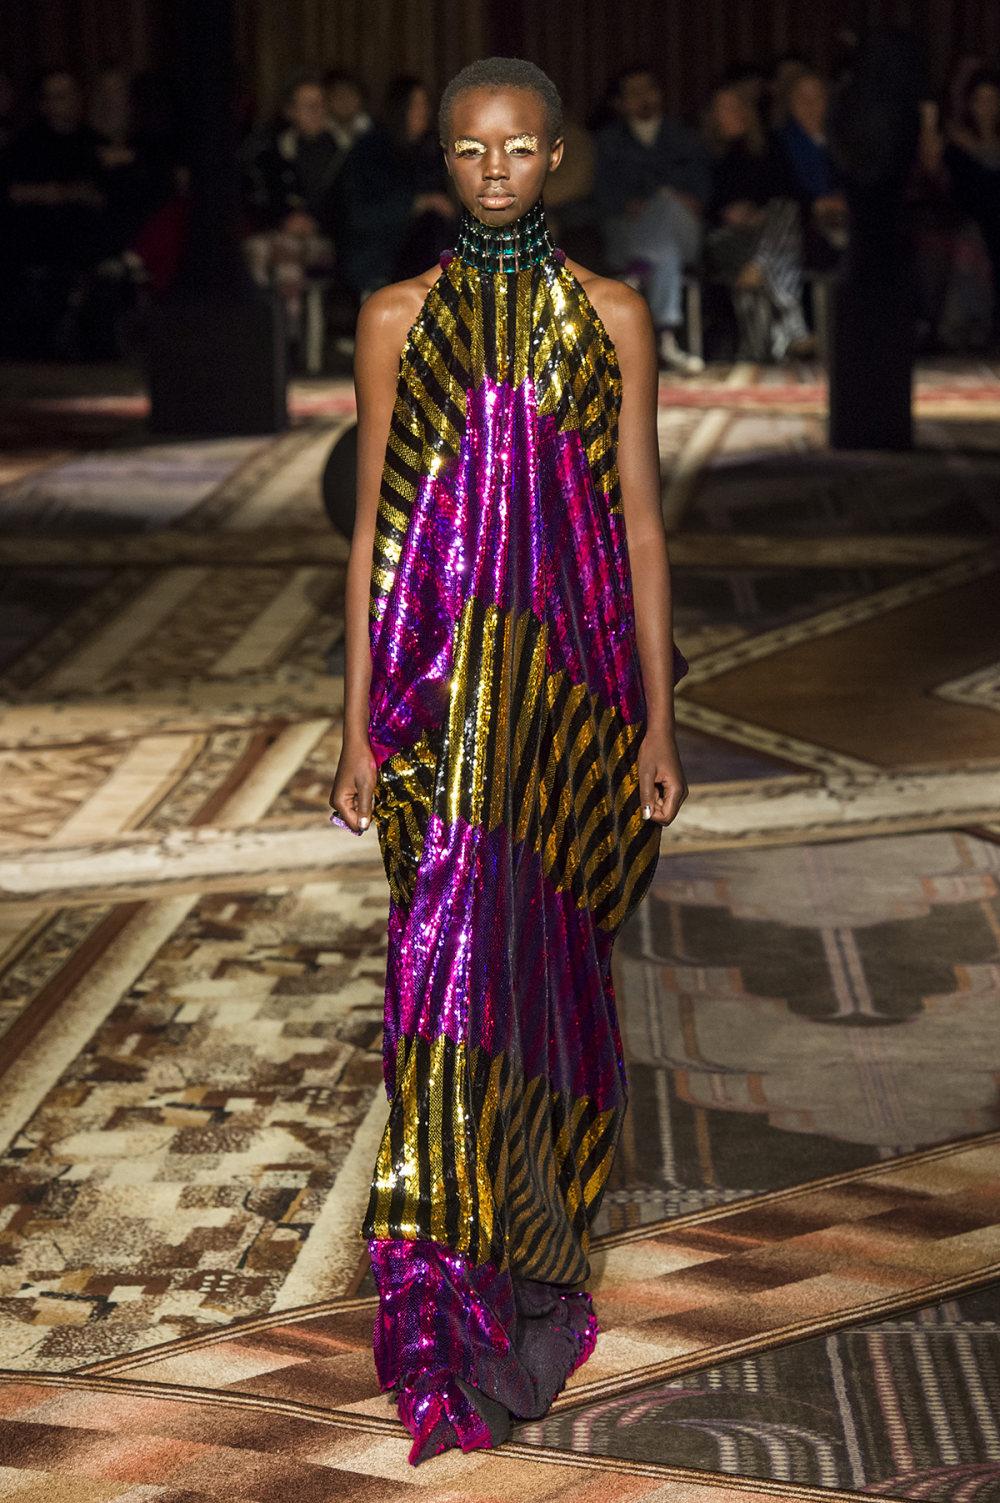 Halpern时装系列将幻想印花应用于宽大的缎面外套展示垂褶技巧-35.jpg